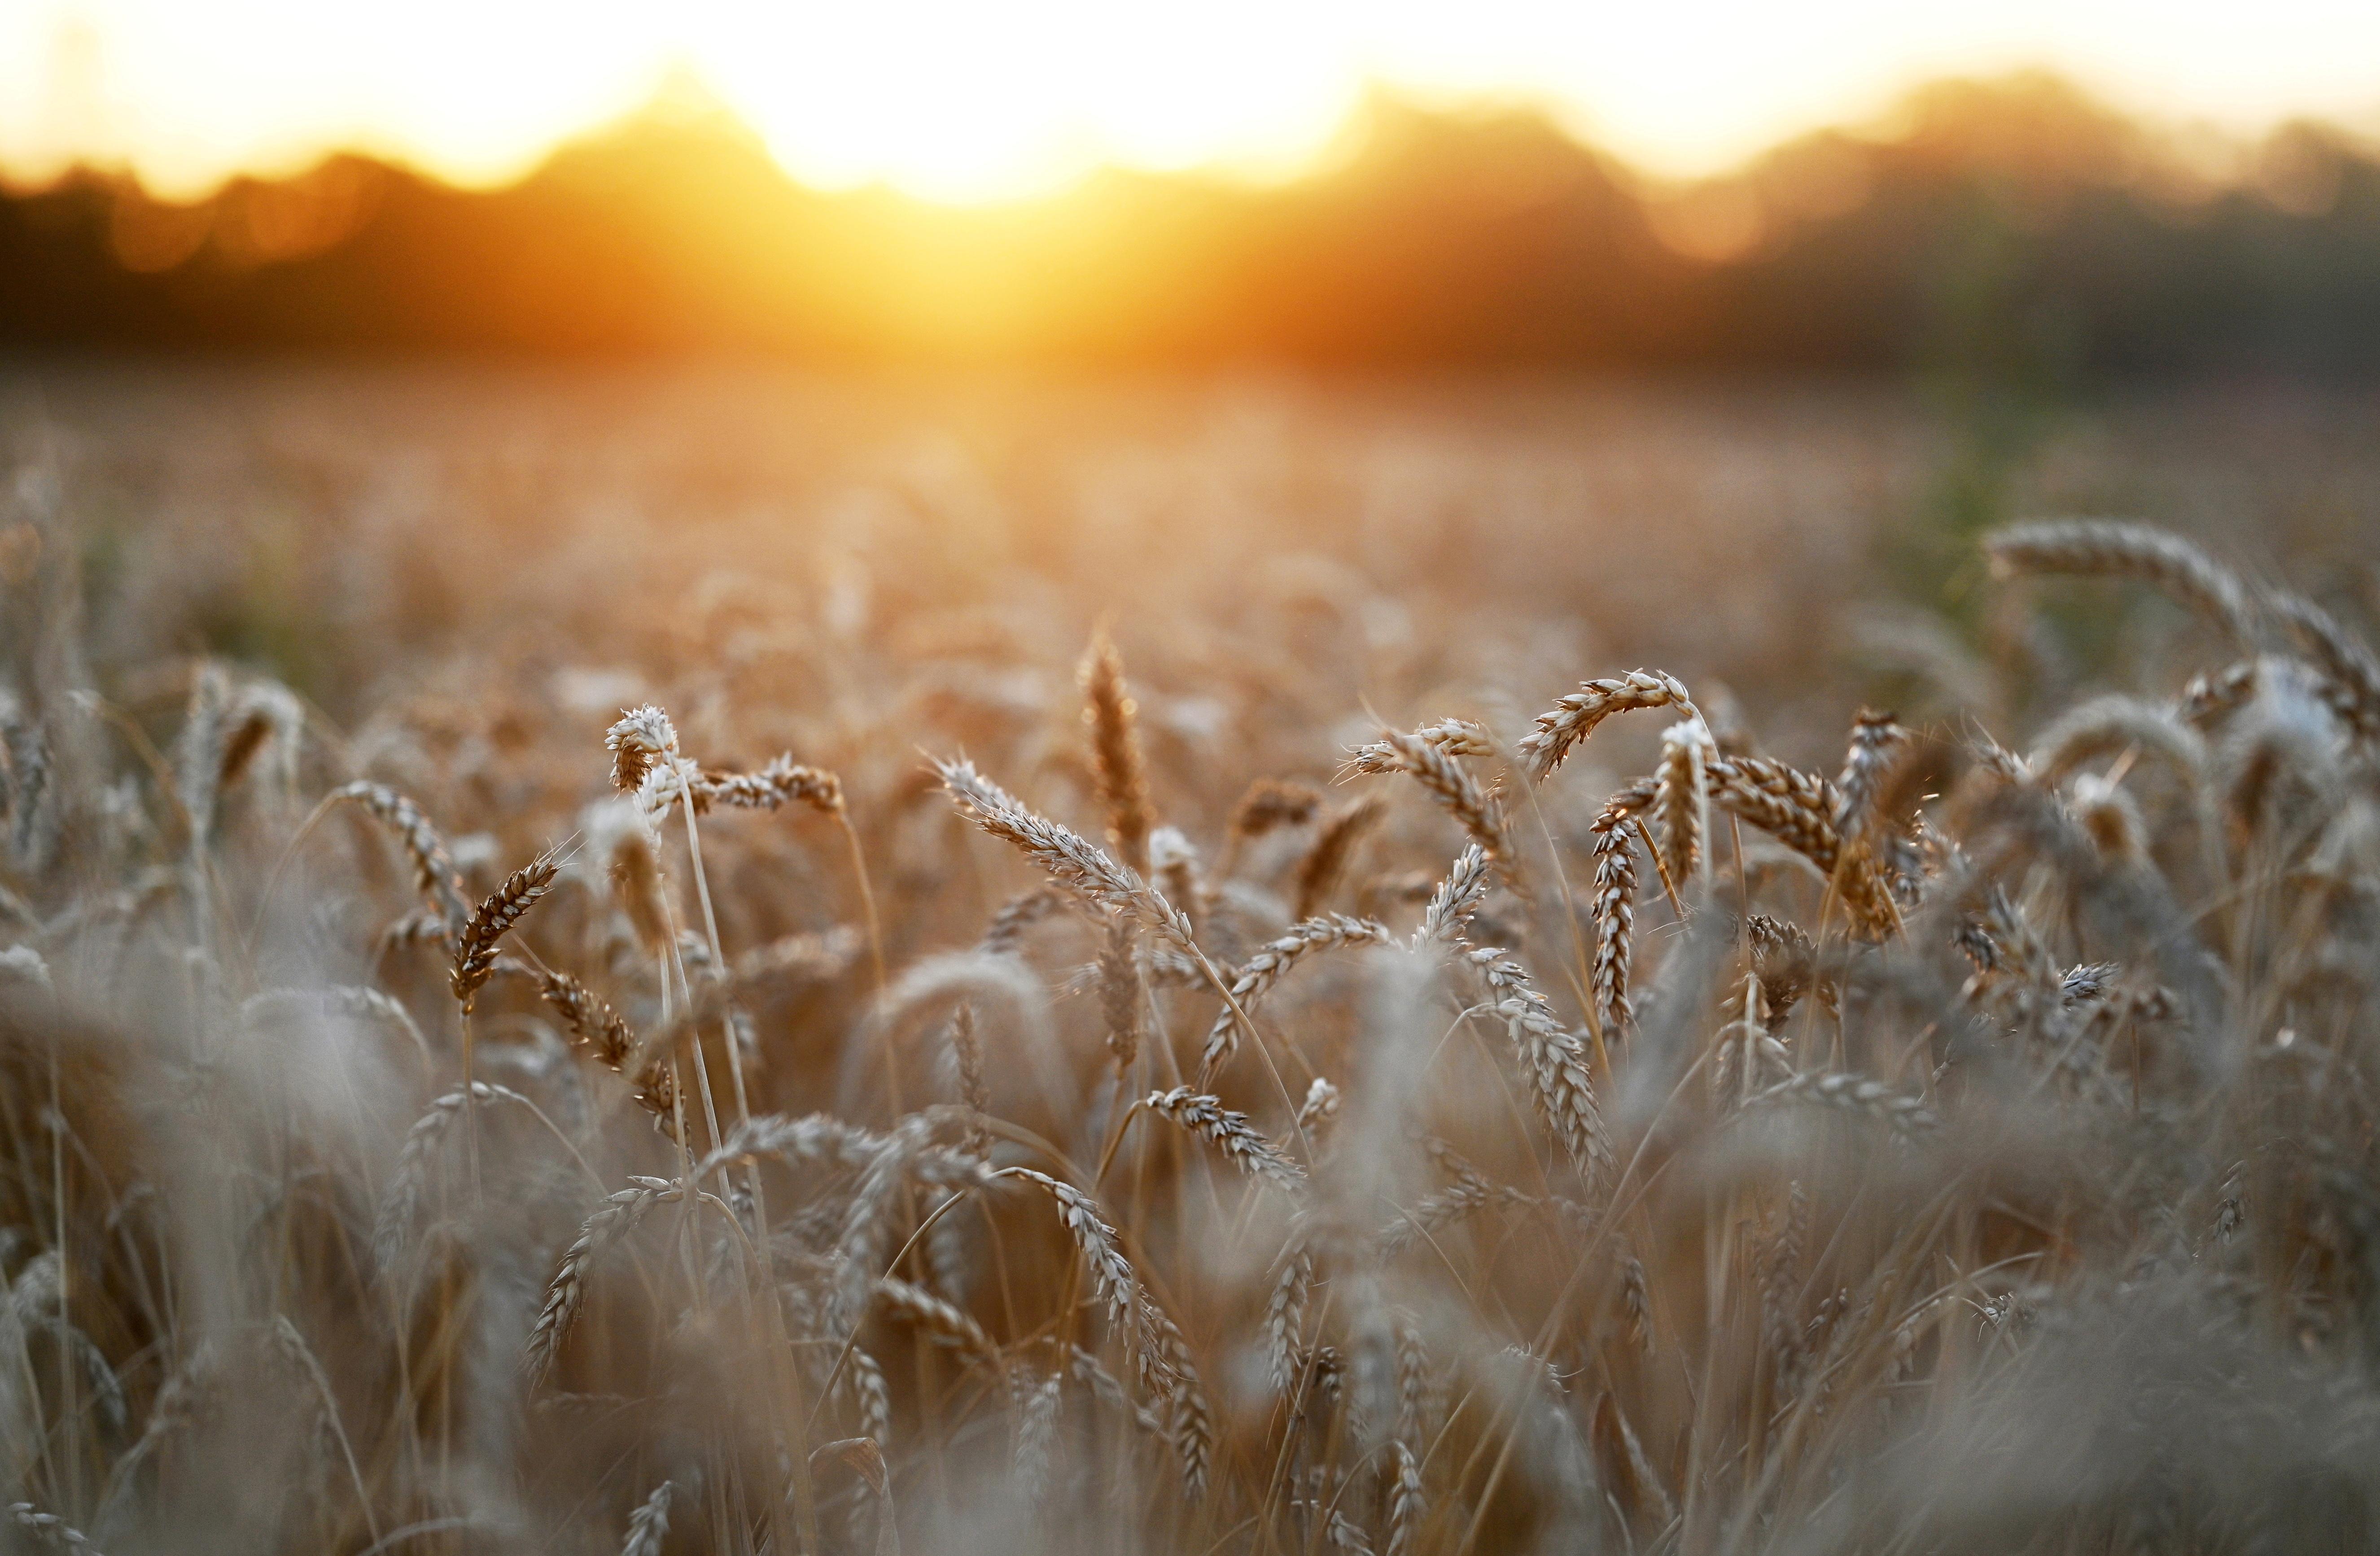 13年2021月XNUMX日、ロシアのロストフ州にあるネドヴィゴフカ村の近くの畑で、日没時に小麦の穂が見られます。REUTERS/ Sergey Pivovarov